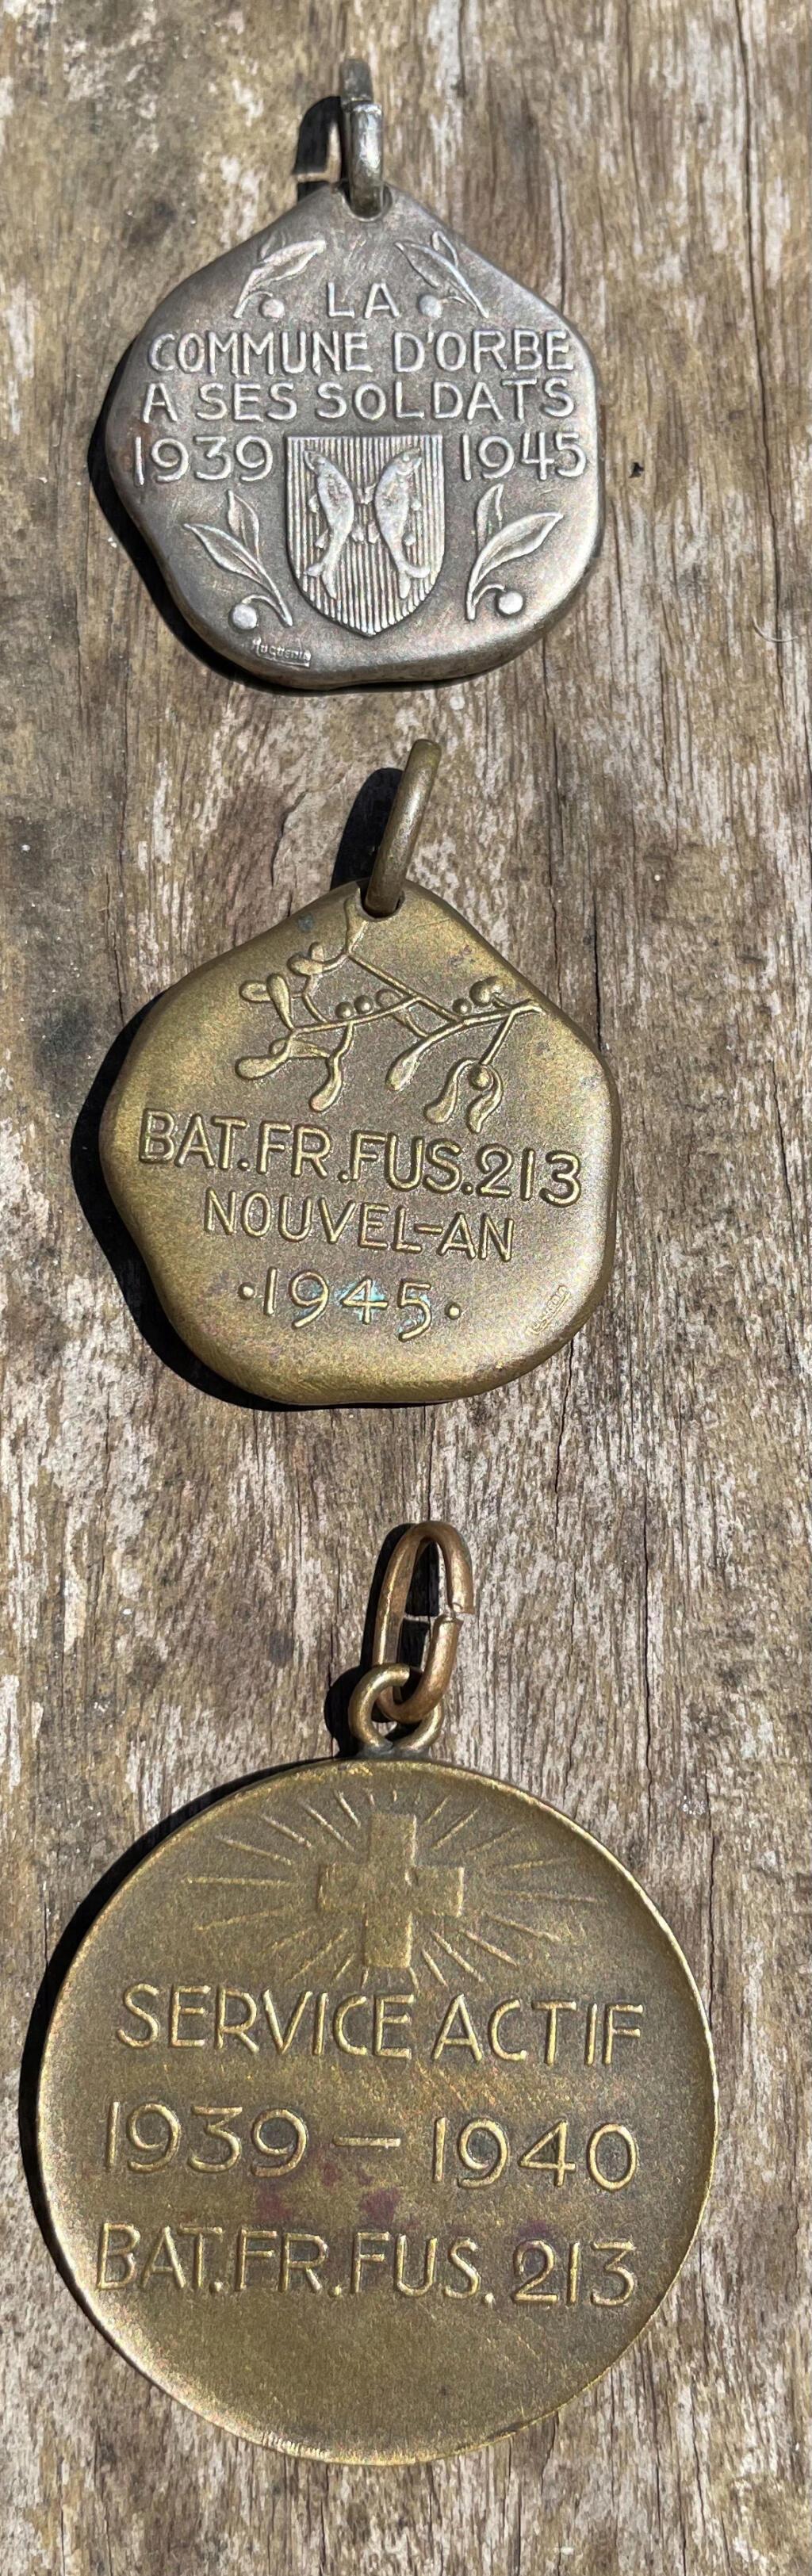 Anciennes médailles suisses 39-45 E9ef3610